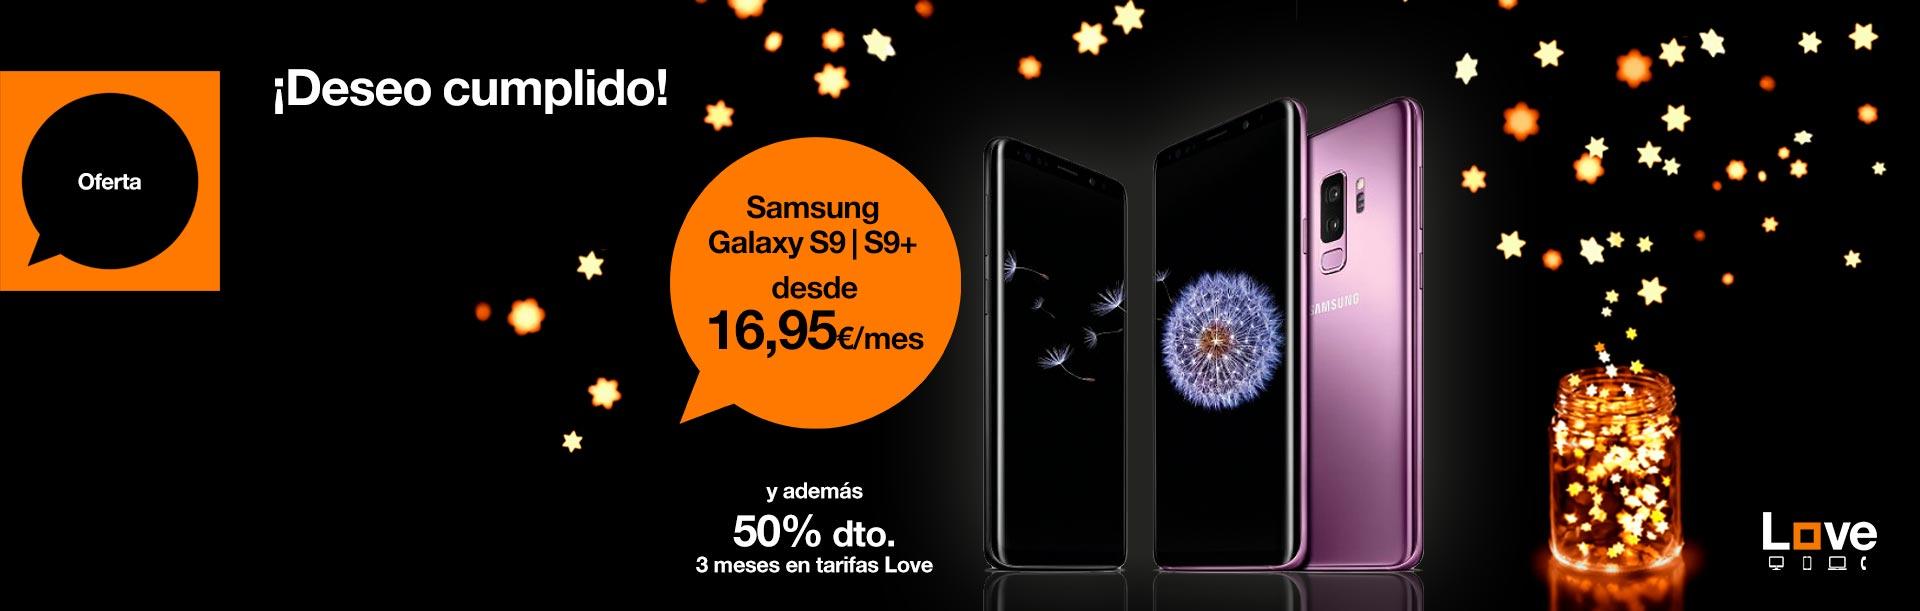 Contrata ahora un Samsung Galaxy S9 o S9+ desde 16,95 €/mes. Además, 50 % de descuento durante tres meses en tarifas Love